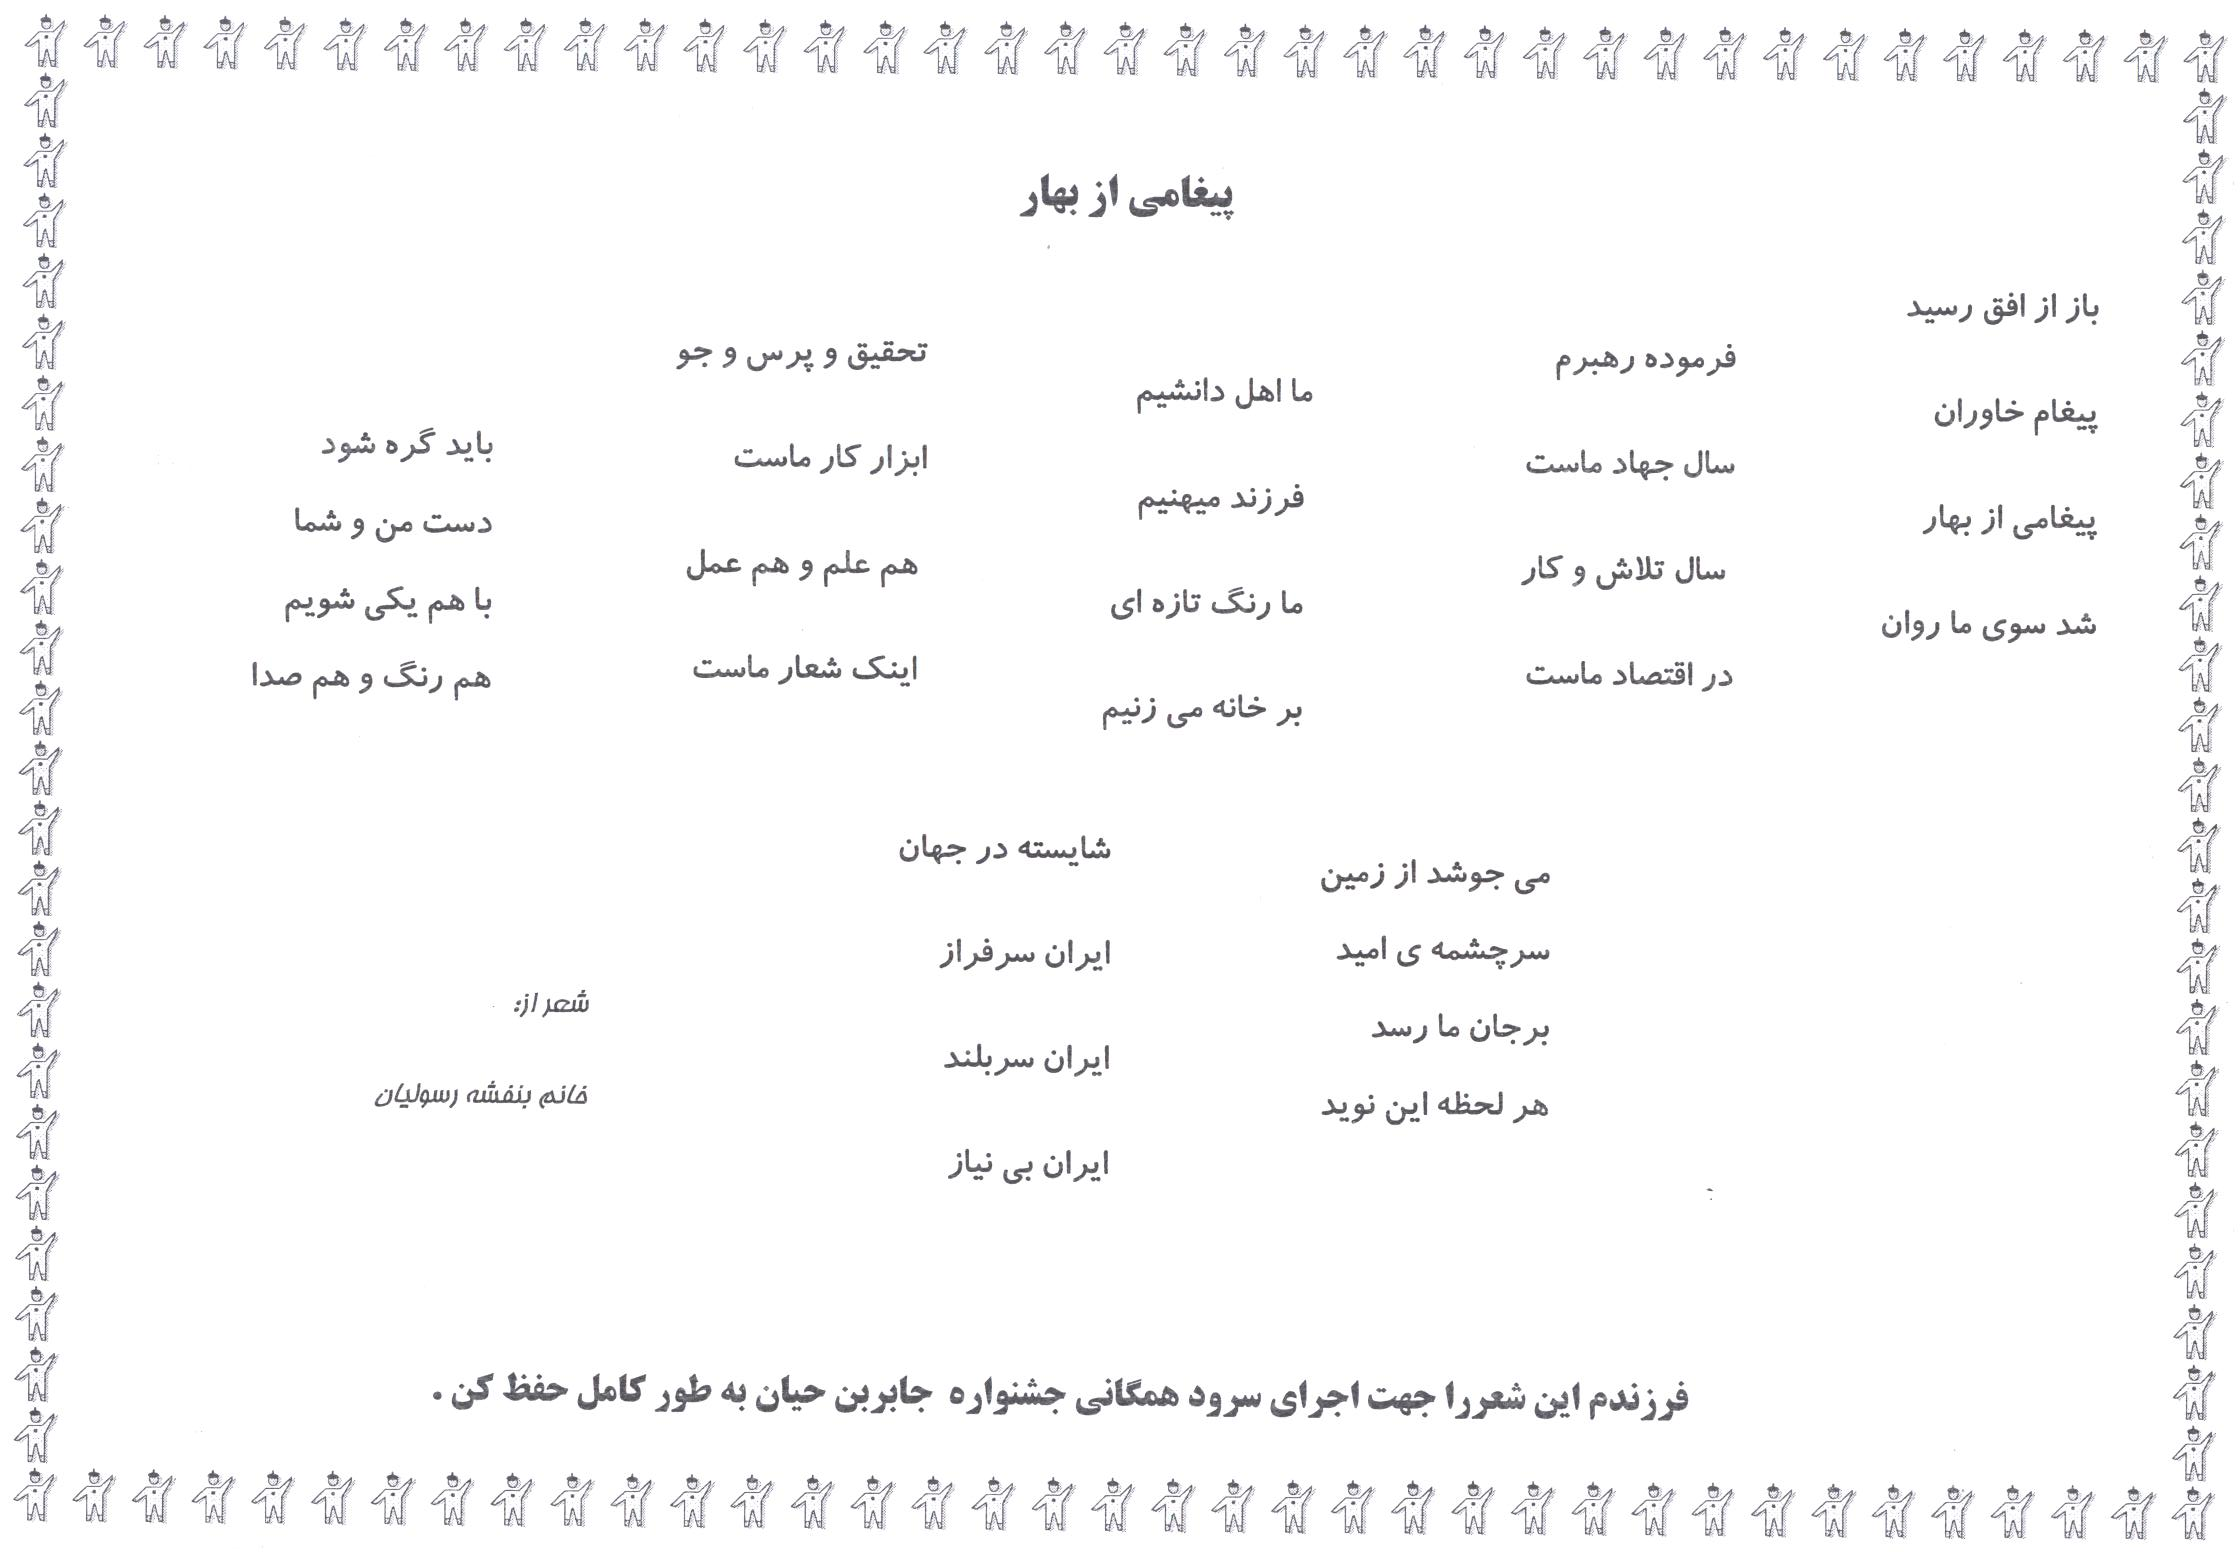 سرود هماهنگ جشنواره جابربن حيان